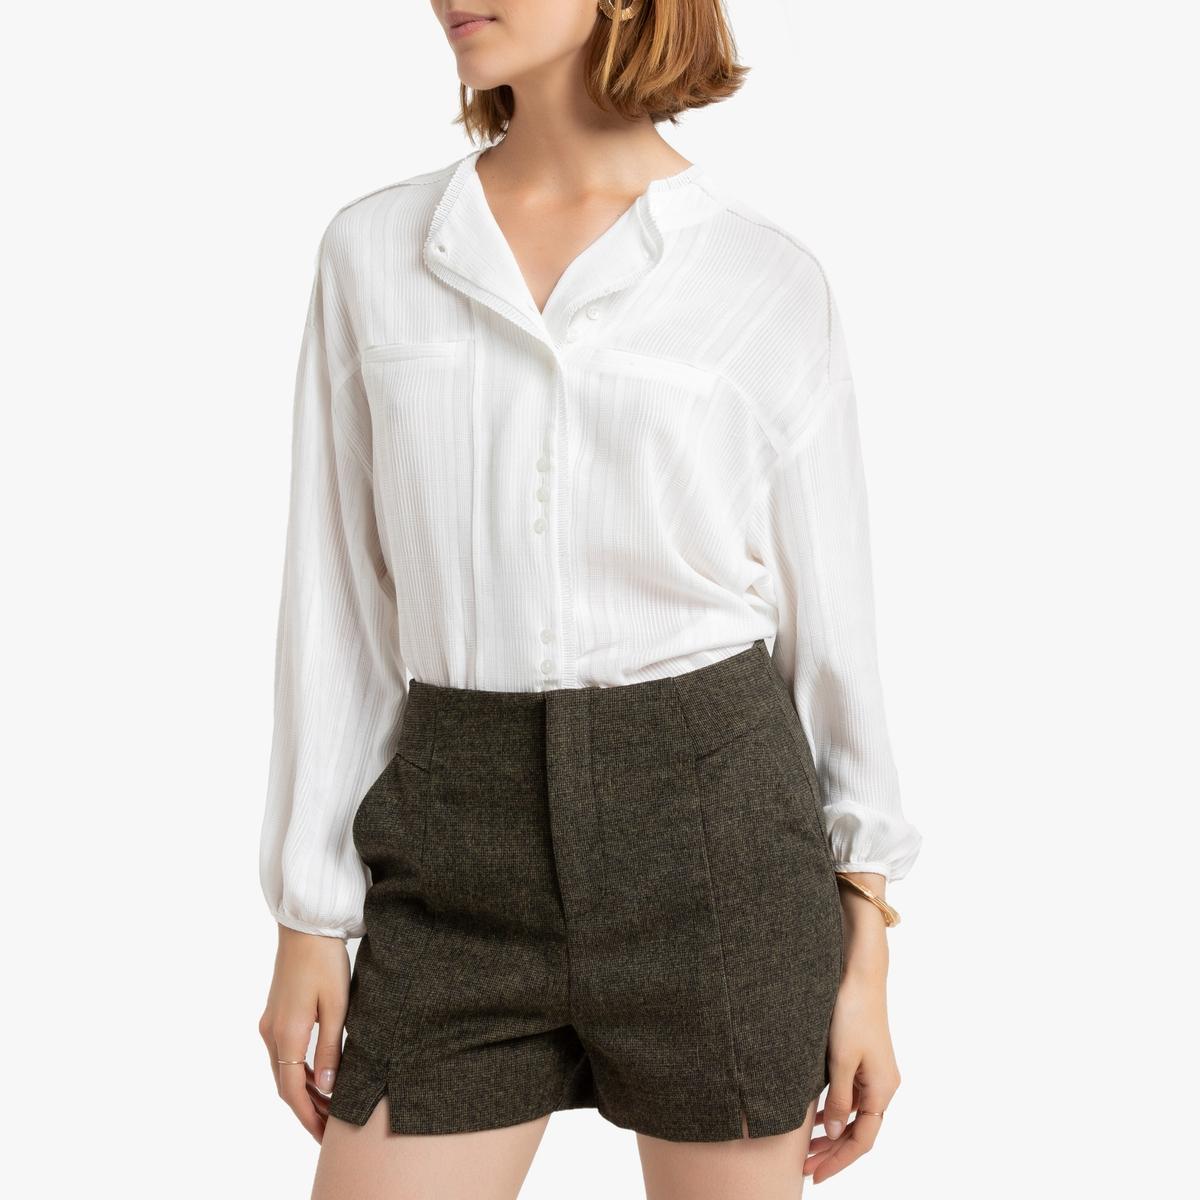 Рубашка La Redoute С длинными рукавами с вышивкой 2(M) бежевый платье с длинными рукавами с вышивкой